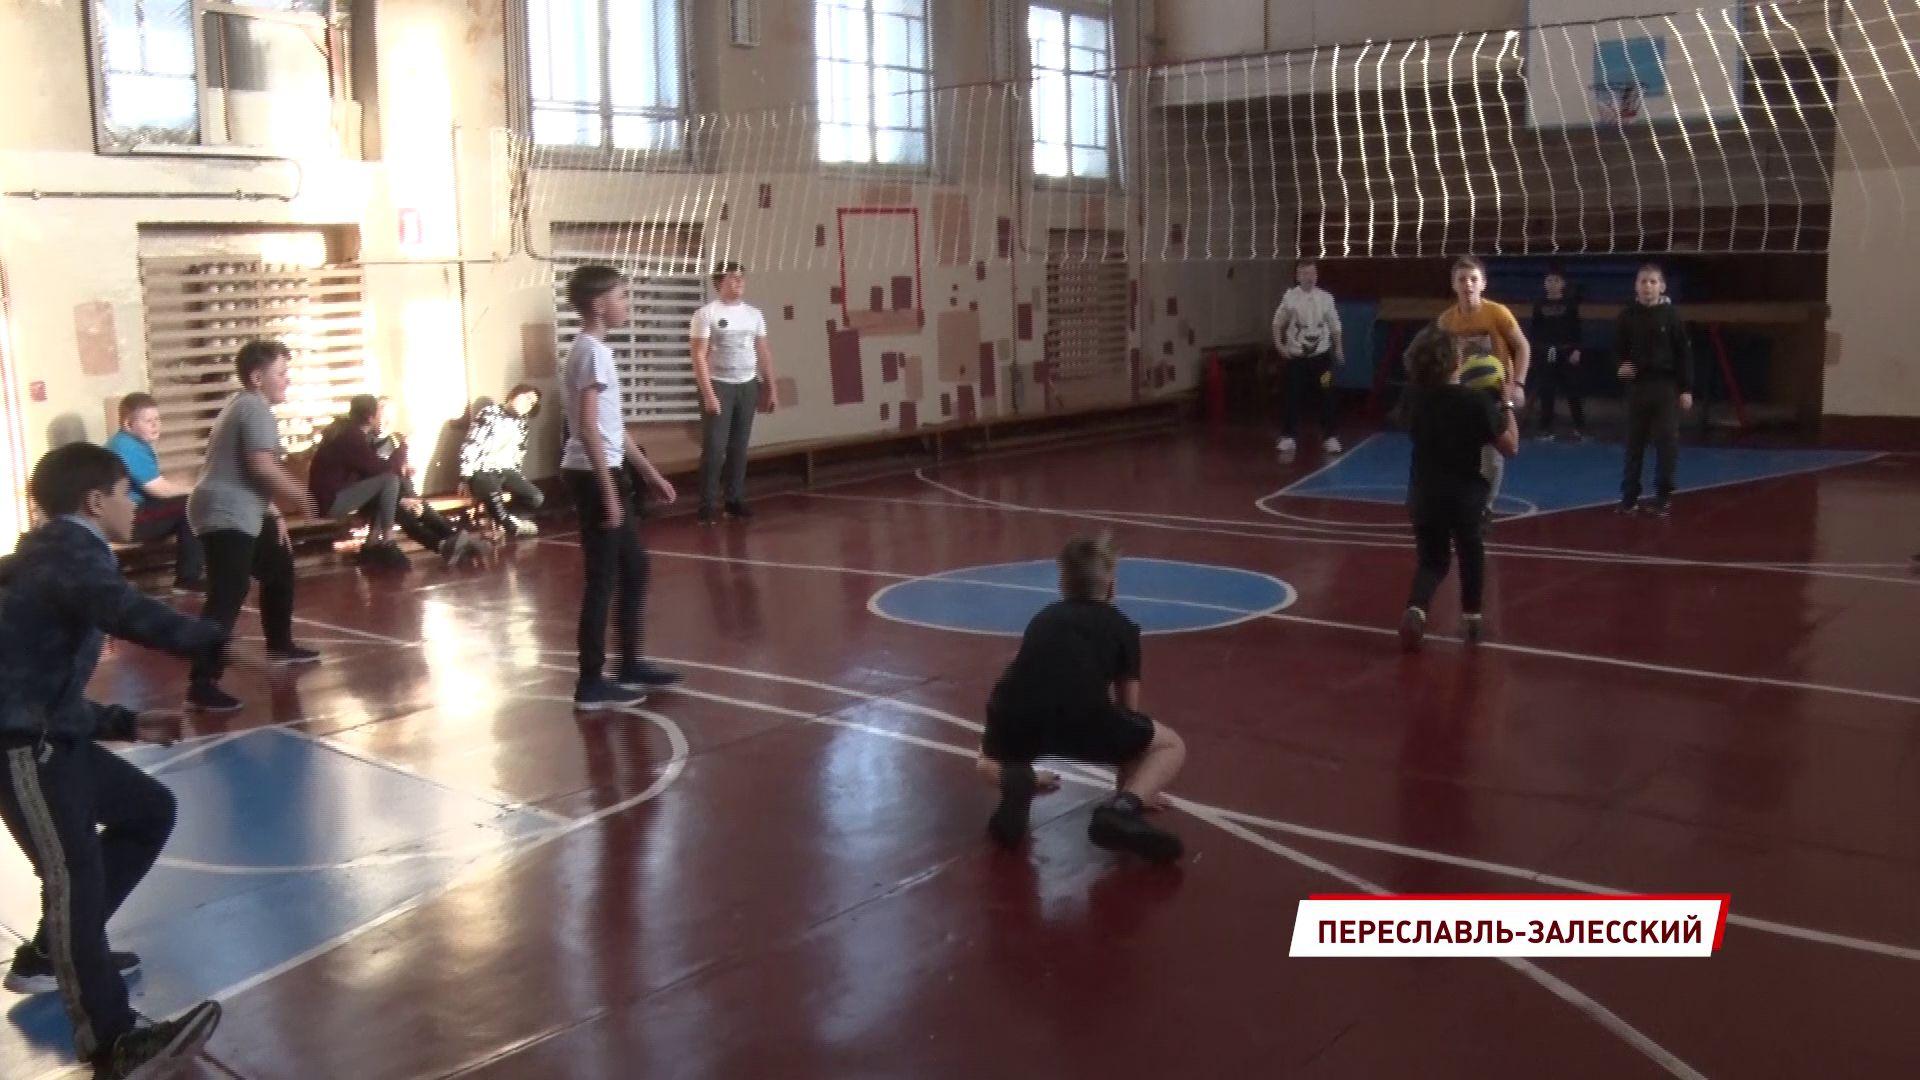 В первой Переславской школе сделают капремонт спортзала